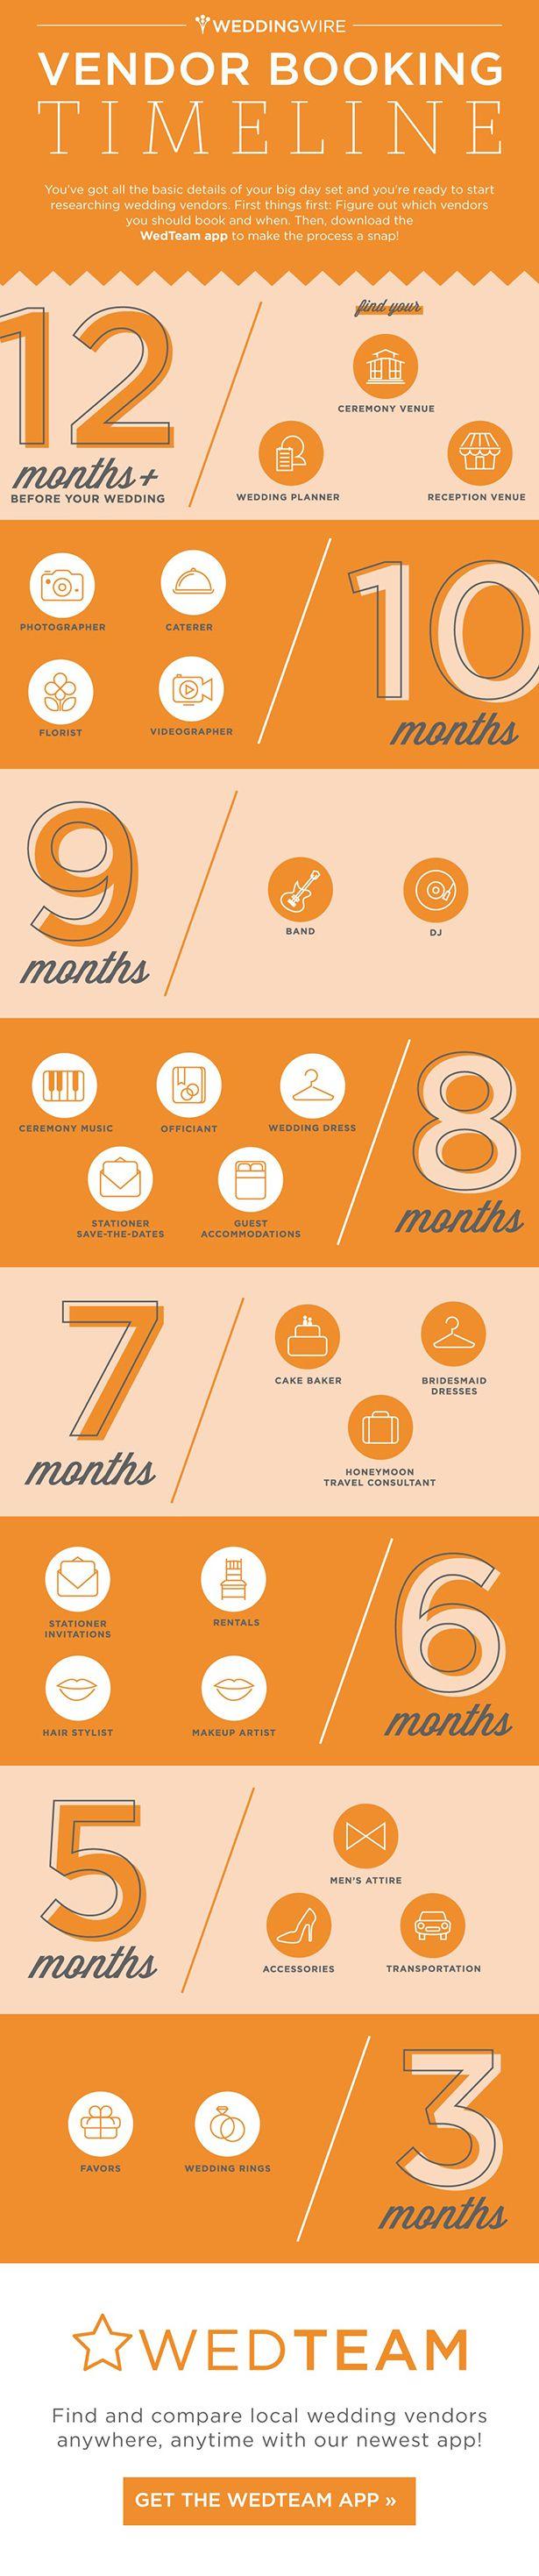 wedding planning checklist timeline